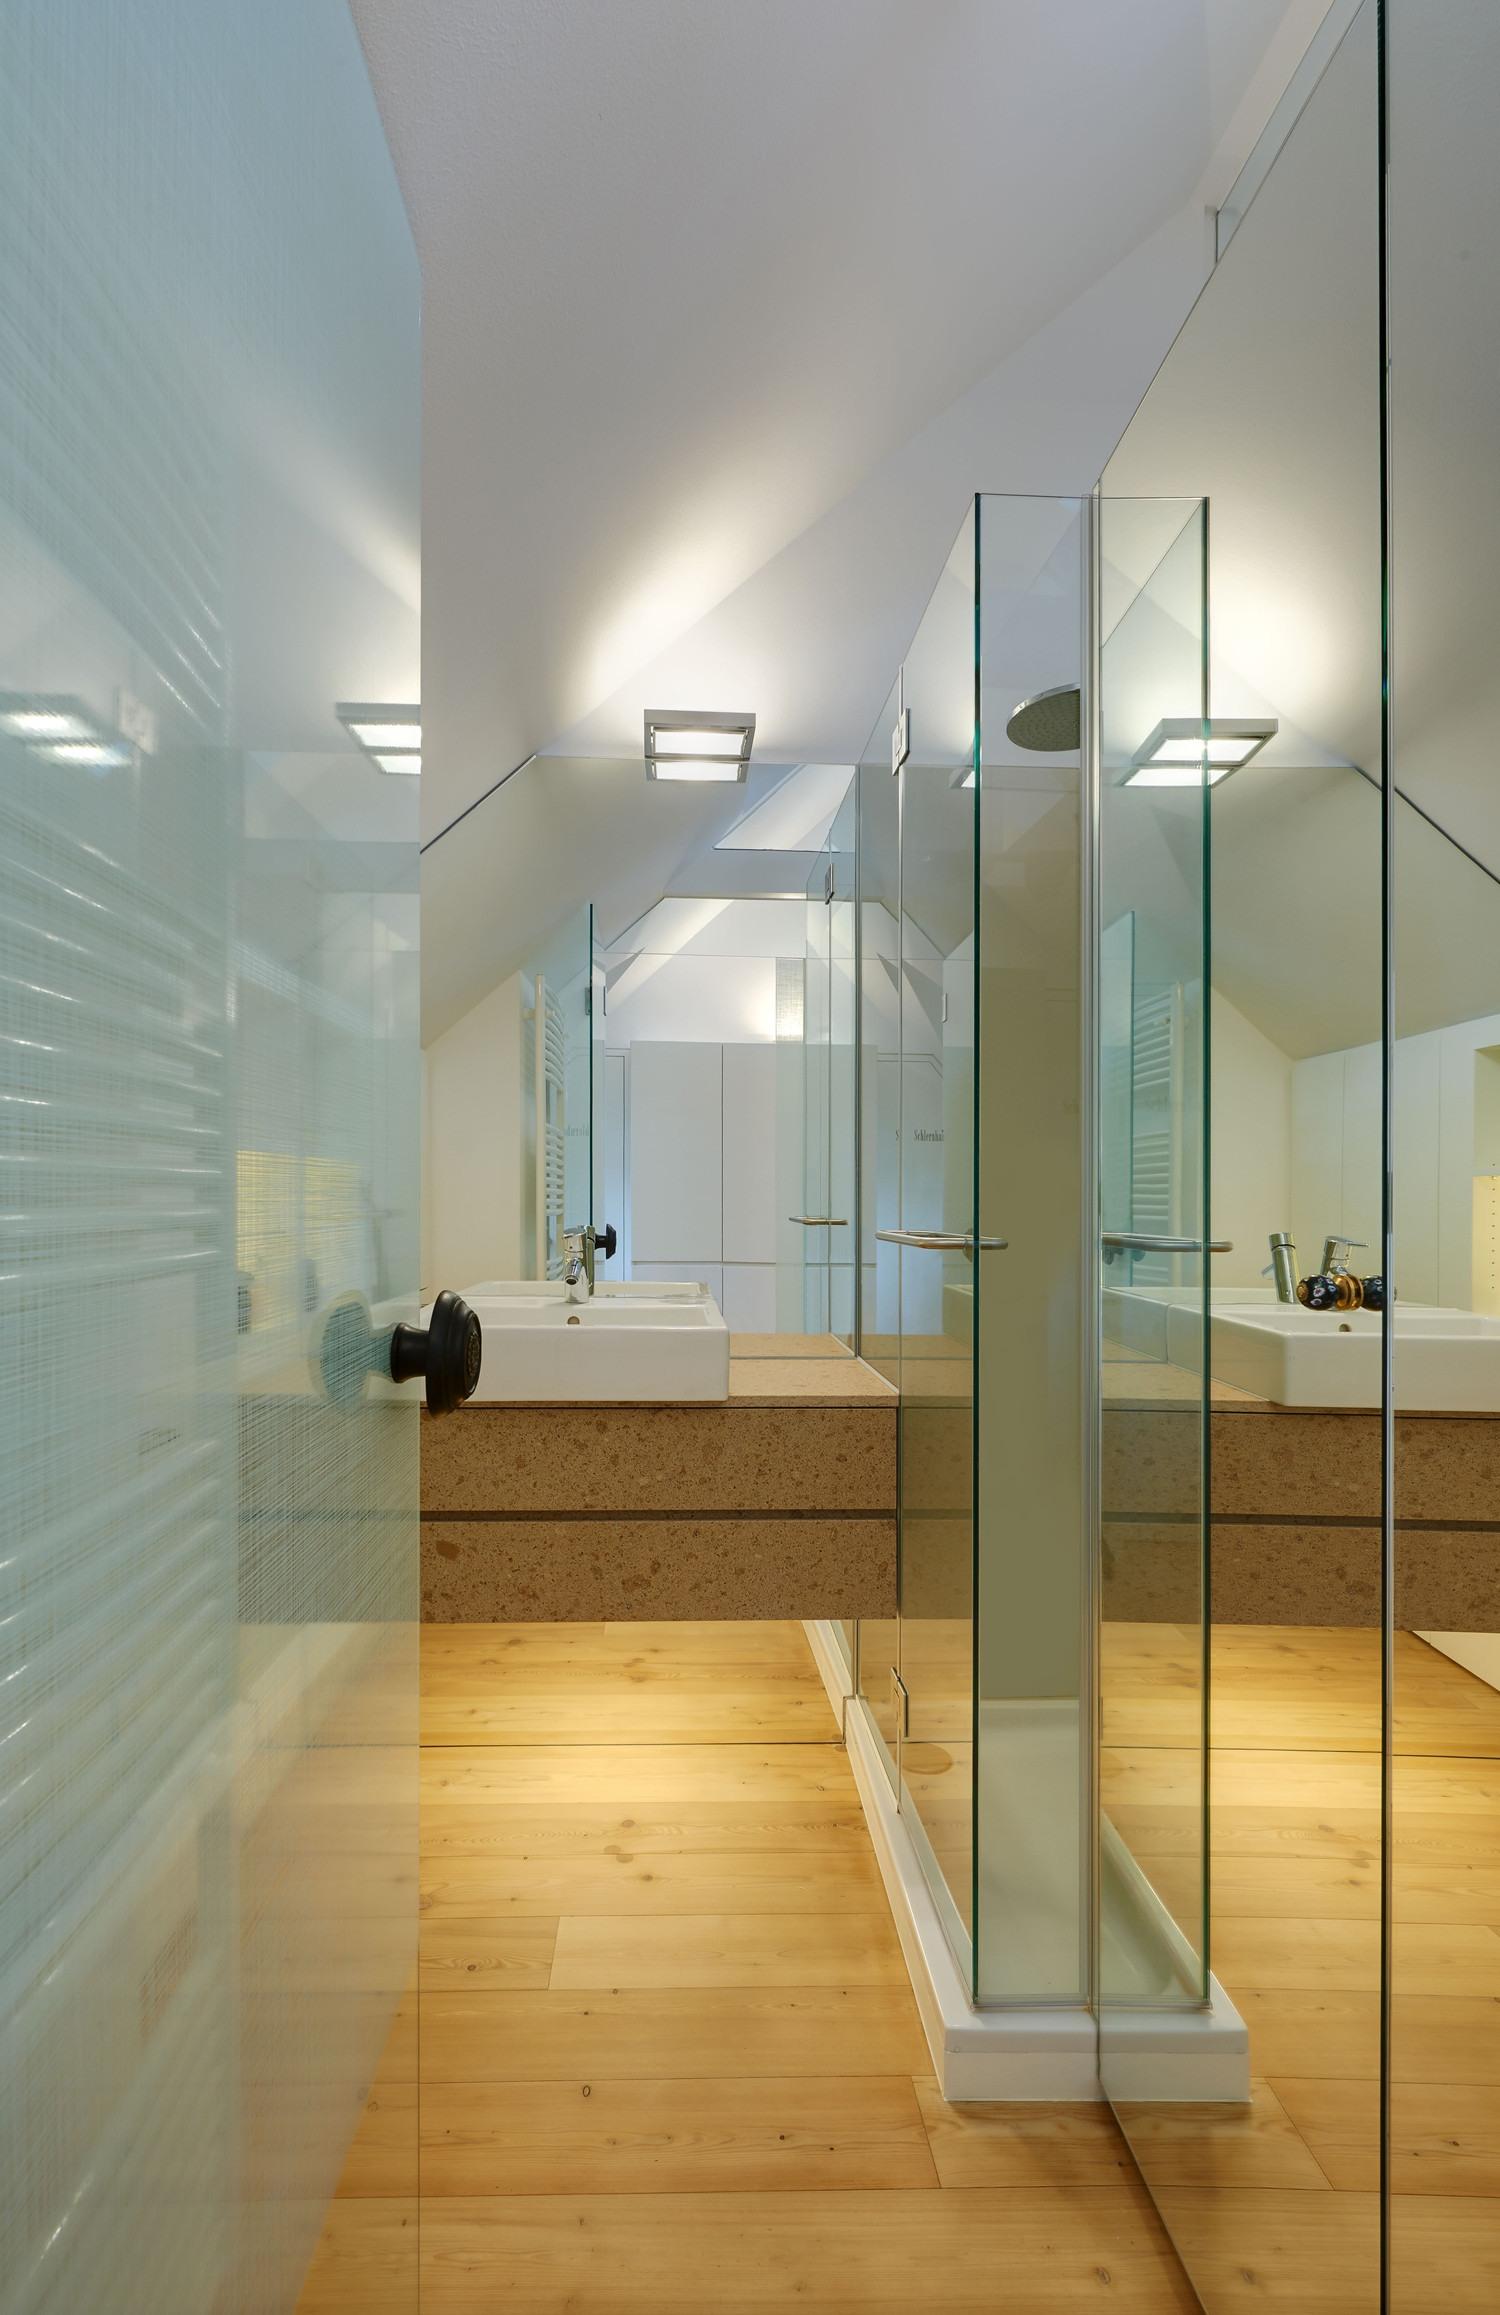 Un appartamento in una mini mansarda di 50 metri quadri for Una storia a pianta aperta